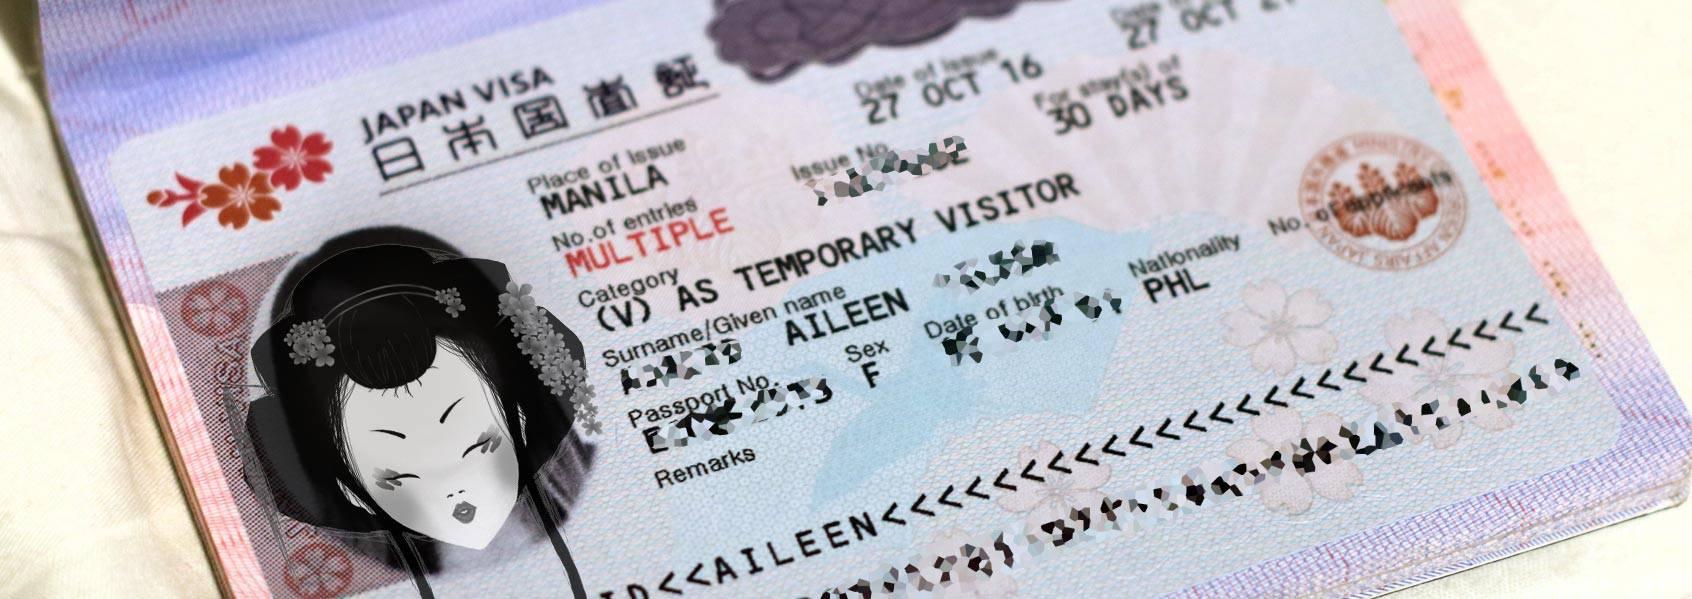 菲律宾游客的日本签证申请要求